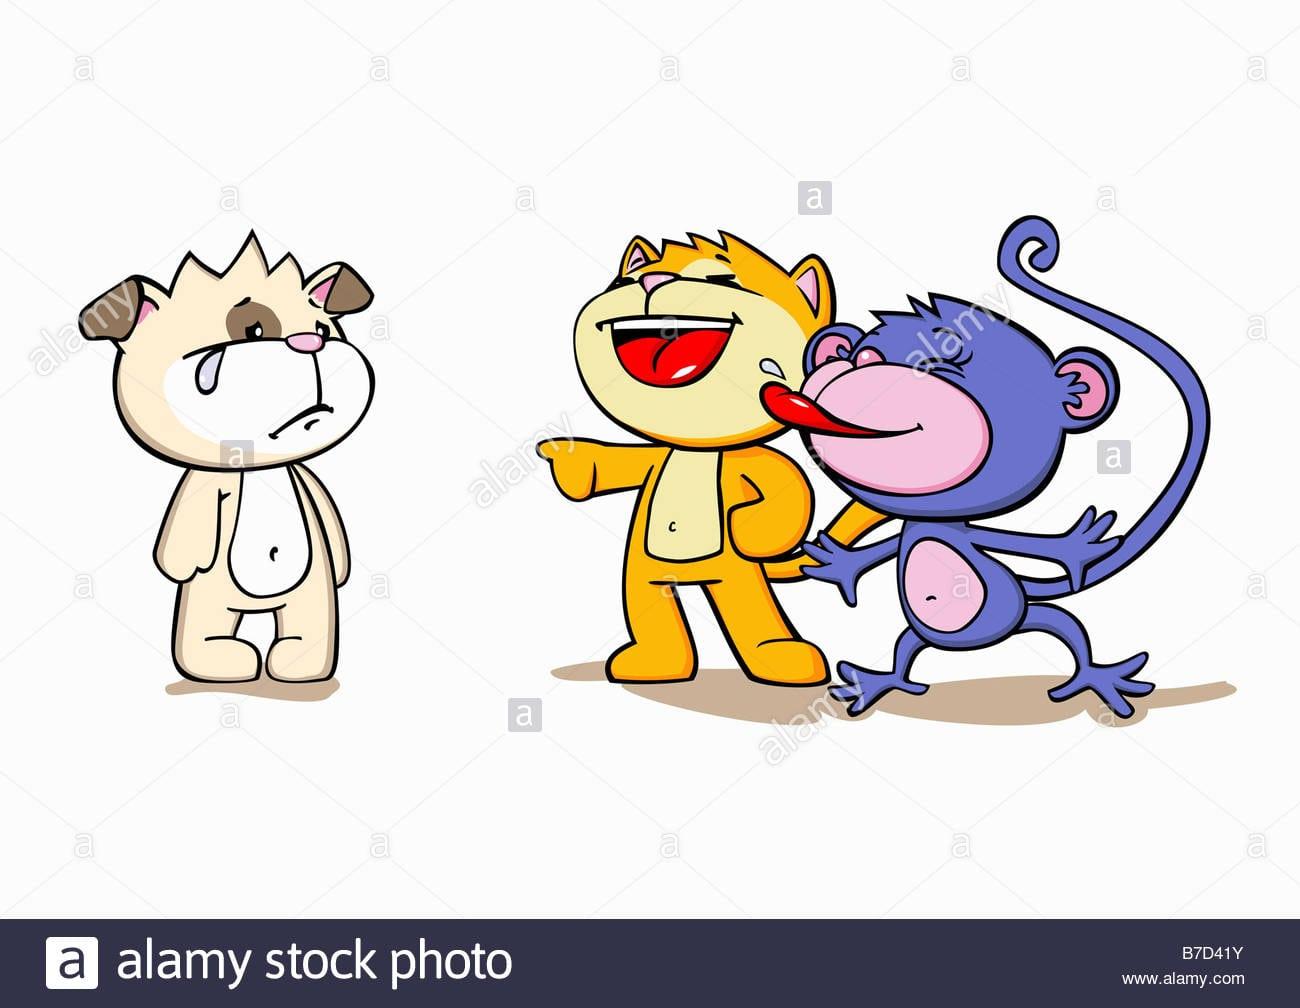 Personagens De Desenhos Animados Bullying Um Amigo Foto, Imagem De